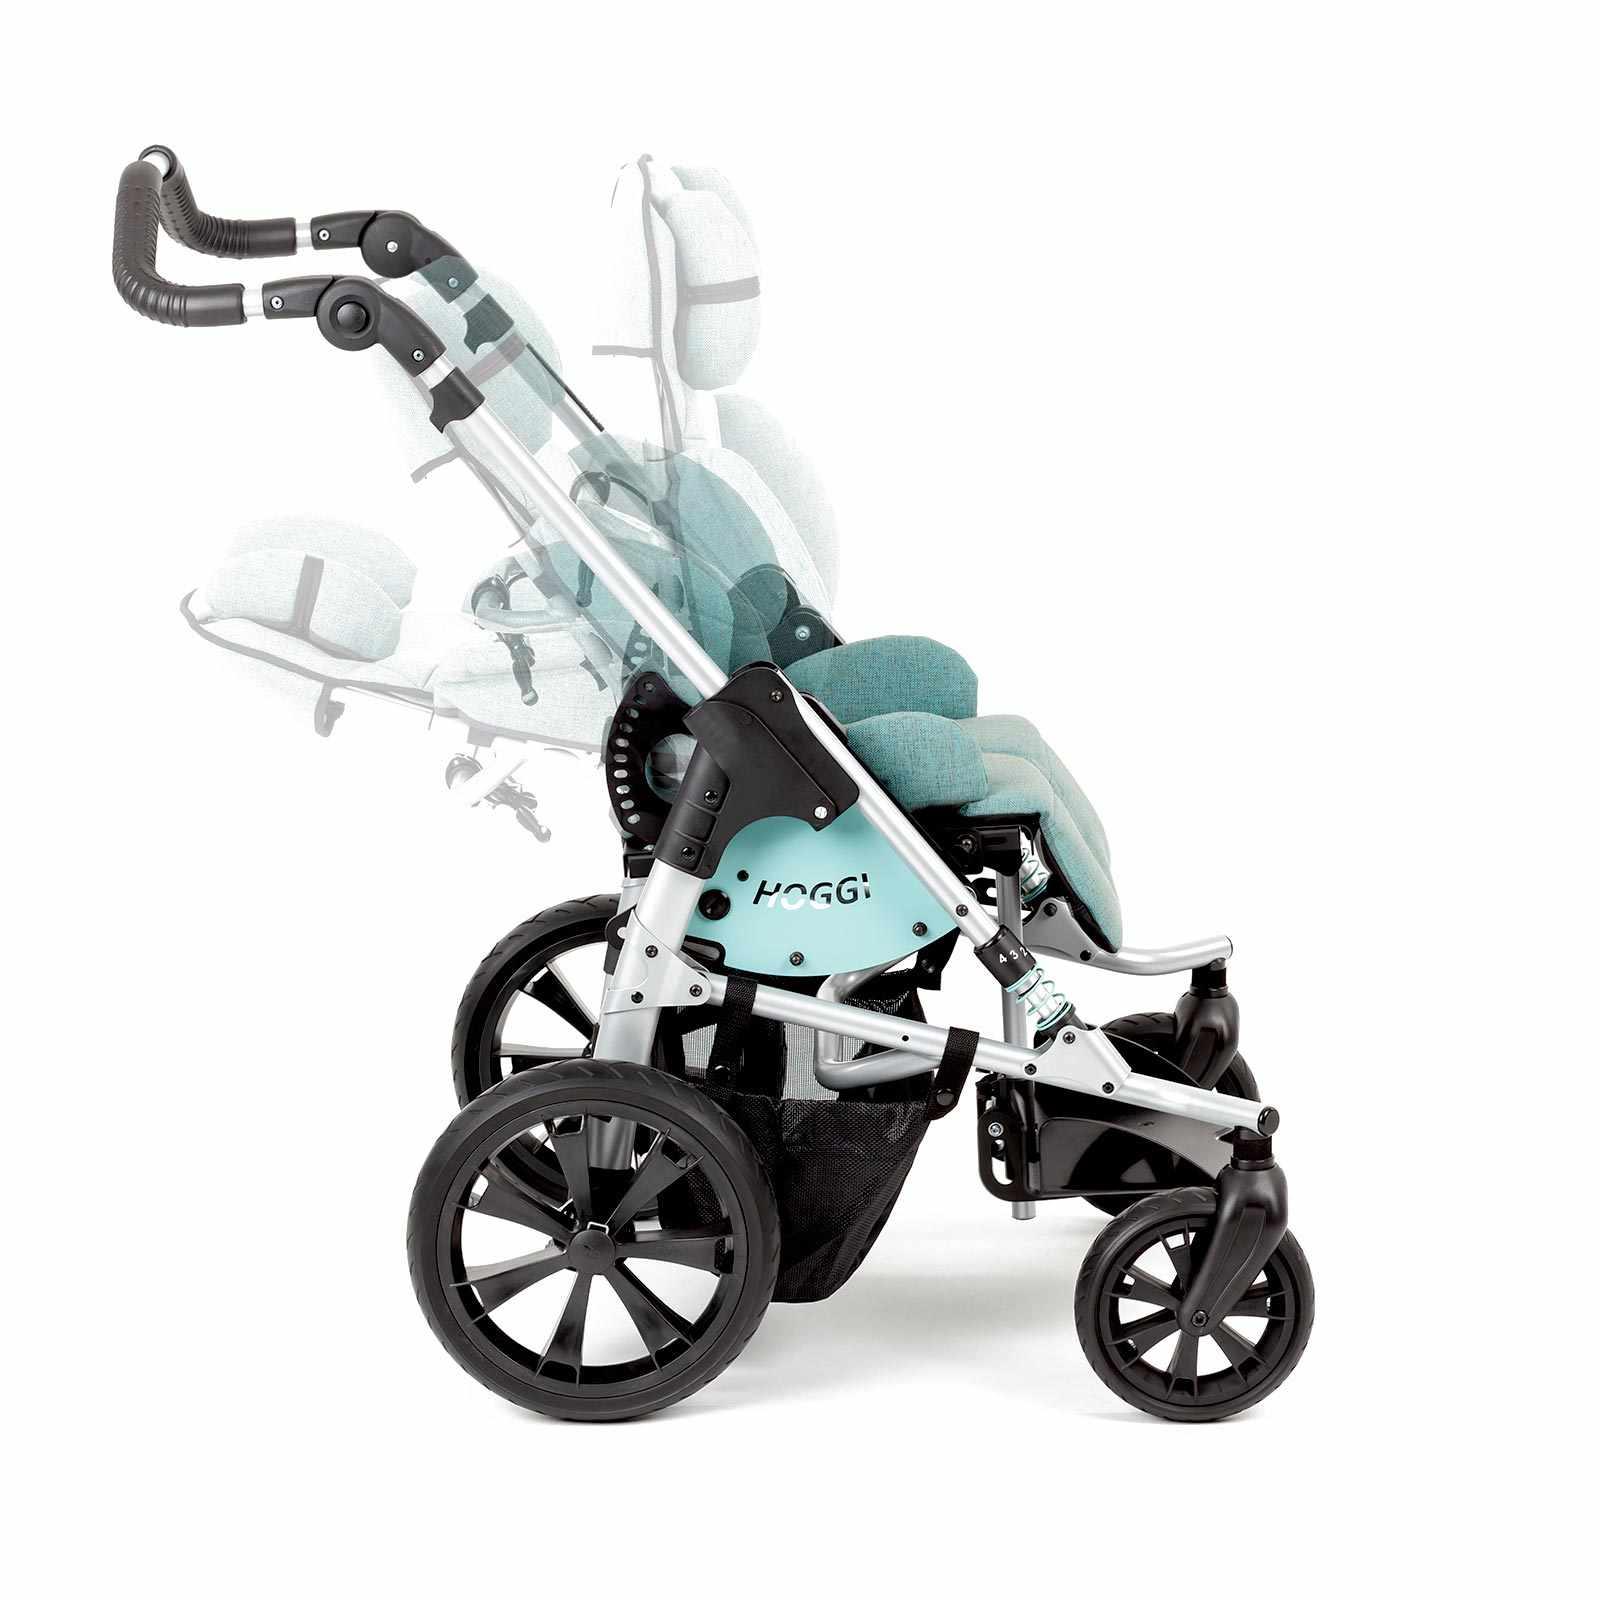 Hoggi Bingo Evolution Stroller | Hoggi Strollers Bingo 3232-1000